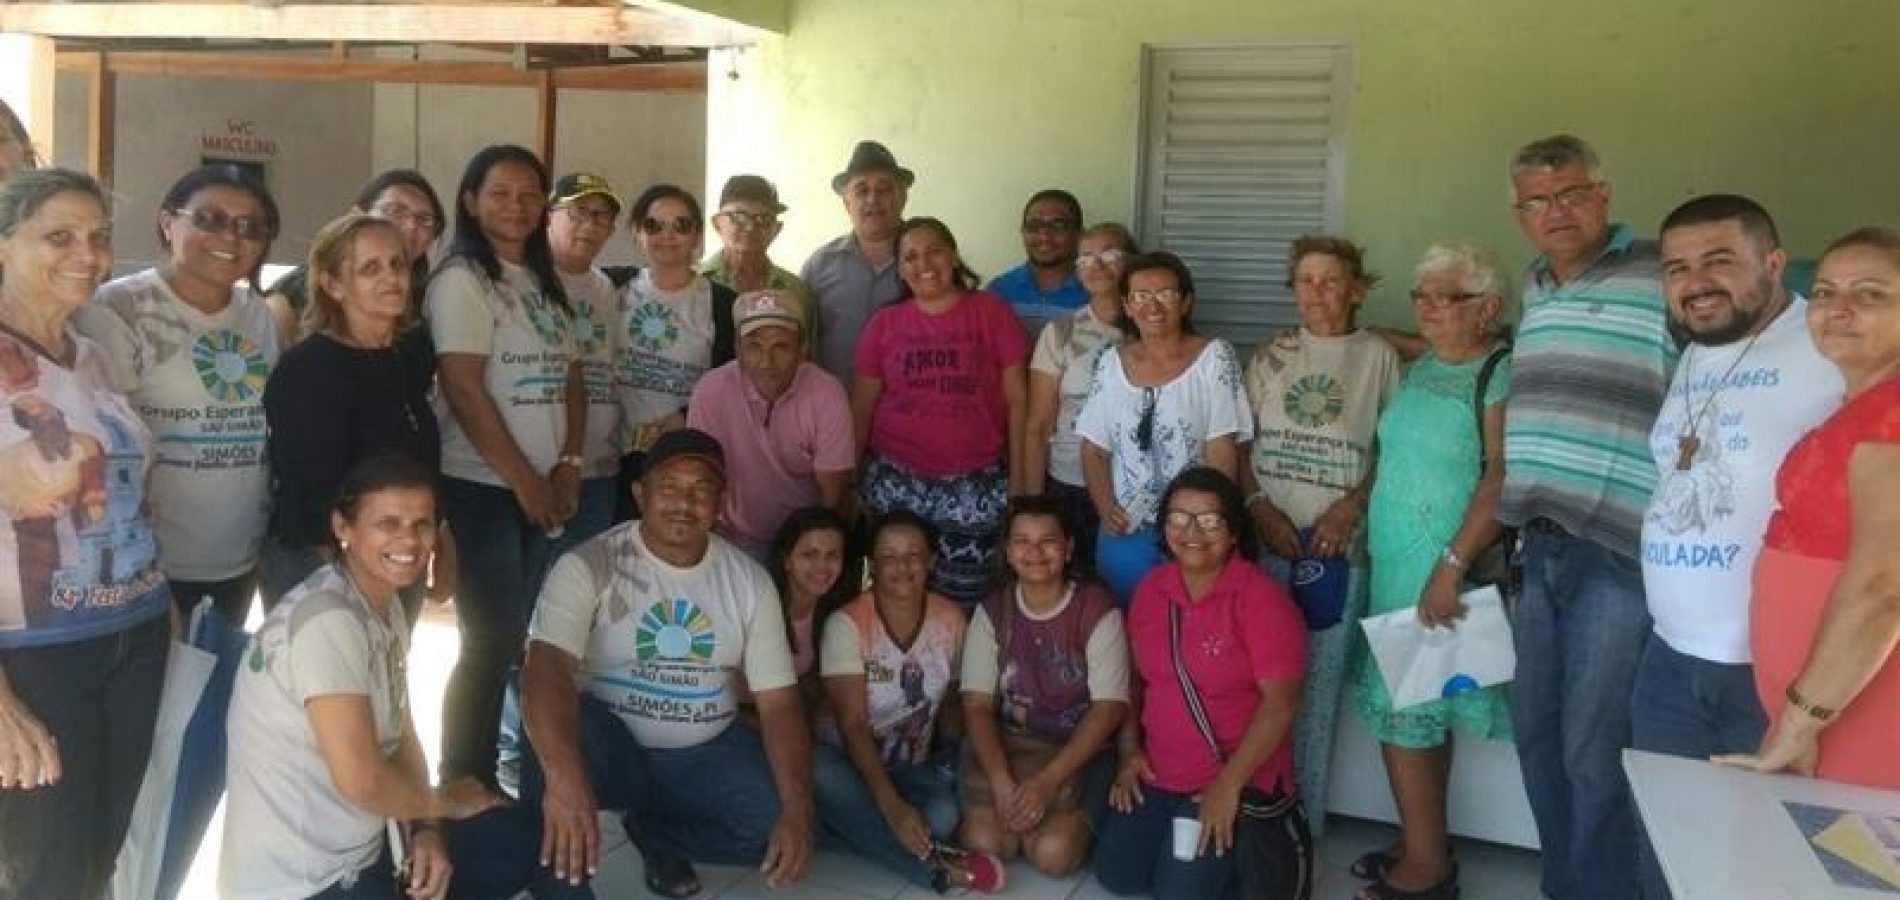 Piauí ganhará 1ª Fazenda da Esperança Feminina; sede será em Simões